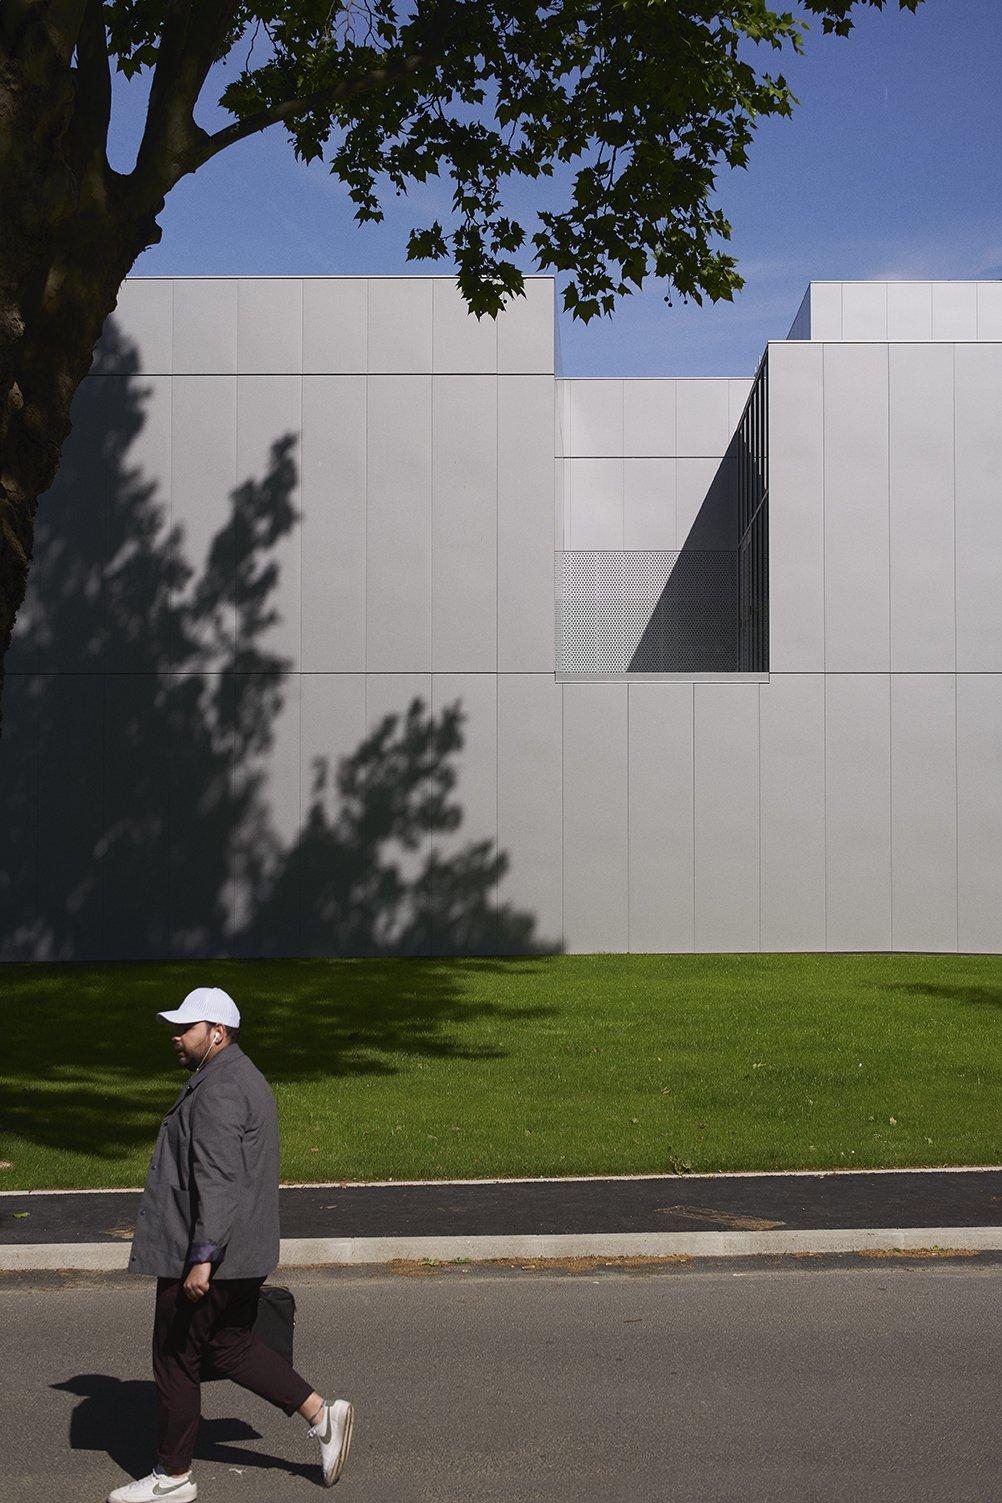 https://www.transform-architecture.com/wp-content/uploads/2020/12/TRANSFORM-Centre-exploration-fonctionnelle-Jussieu-11.jpg